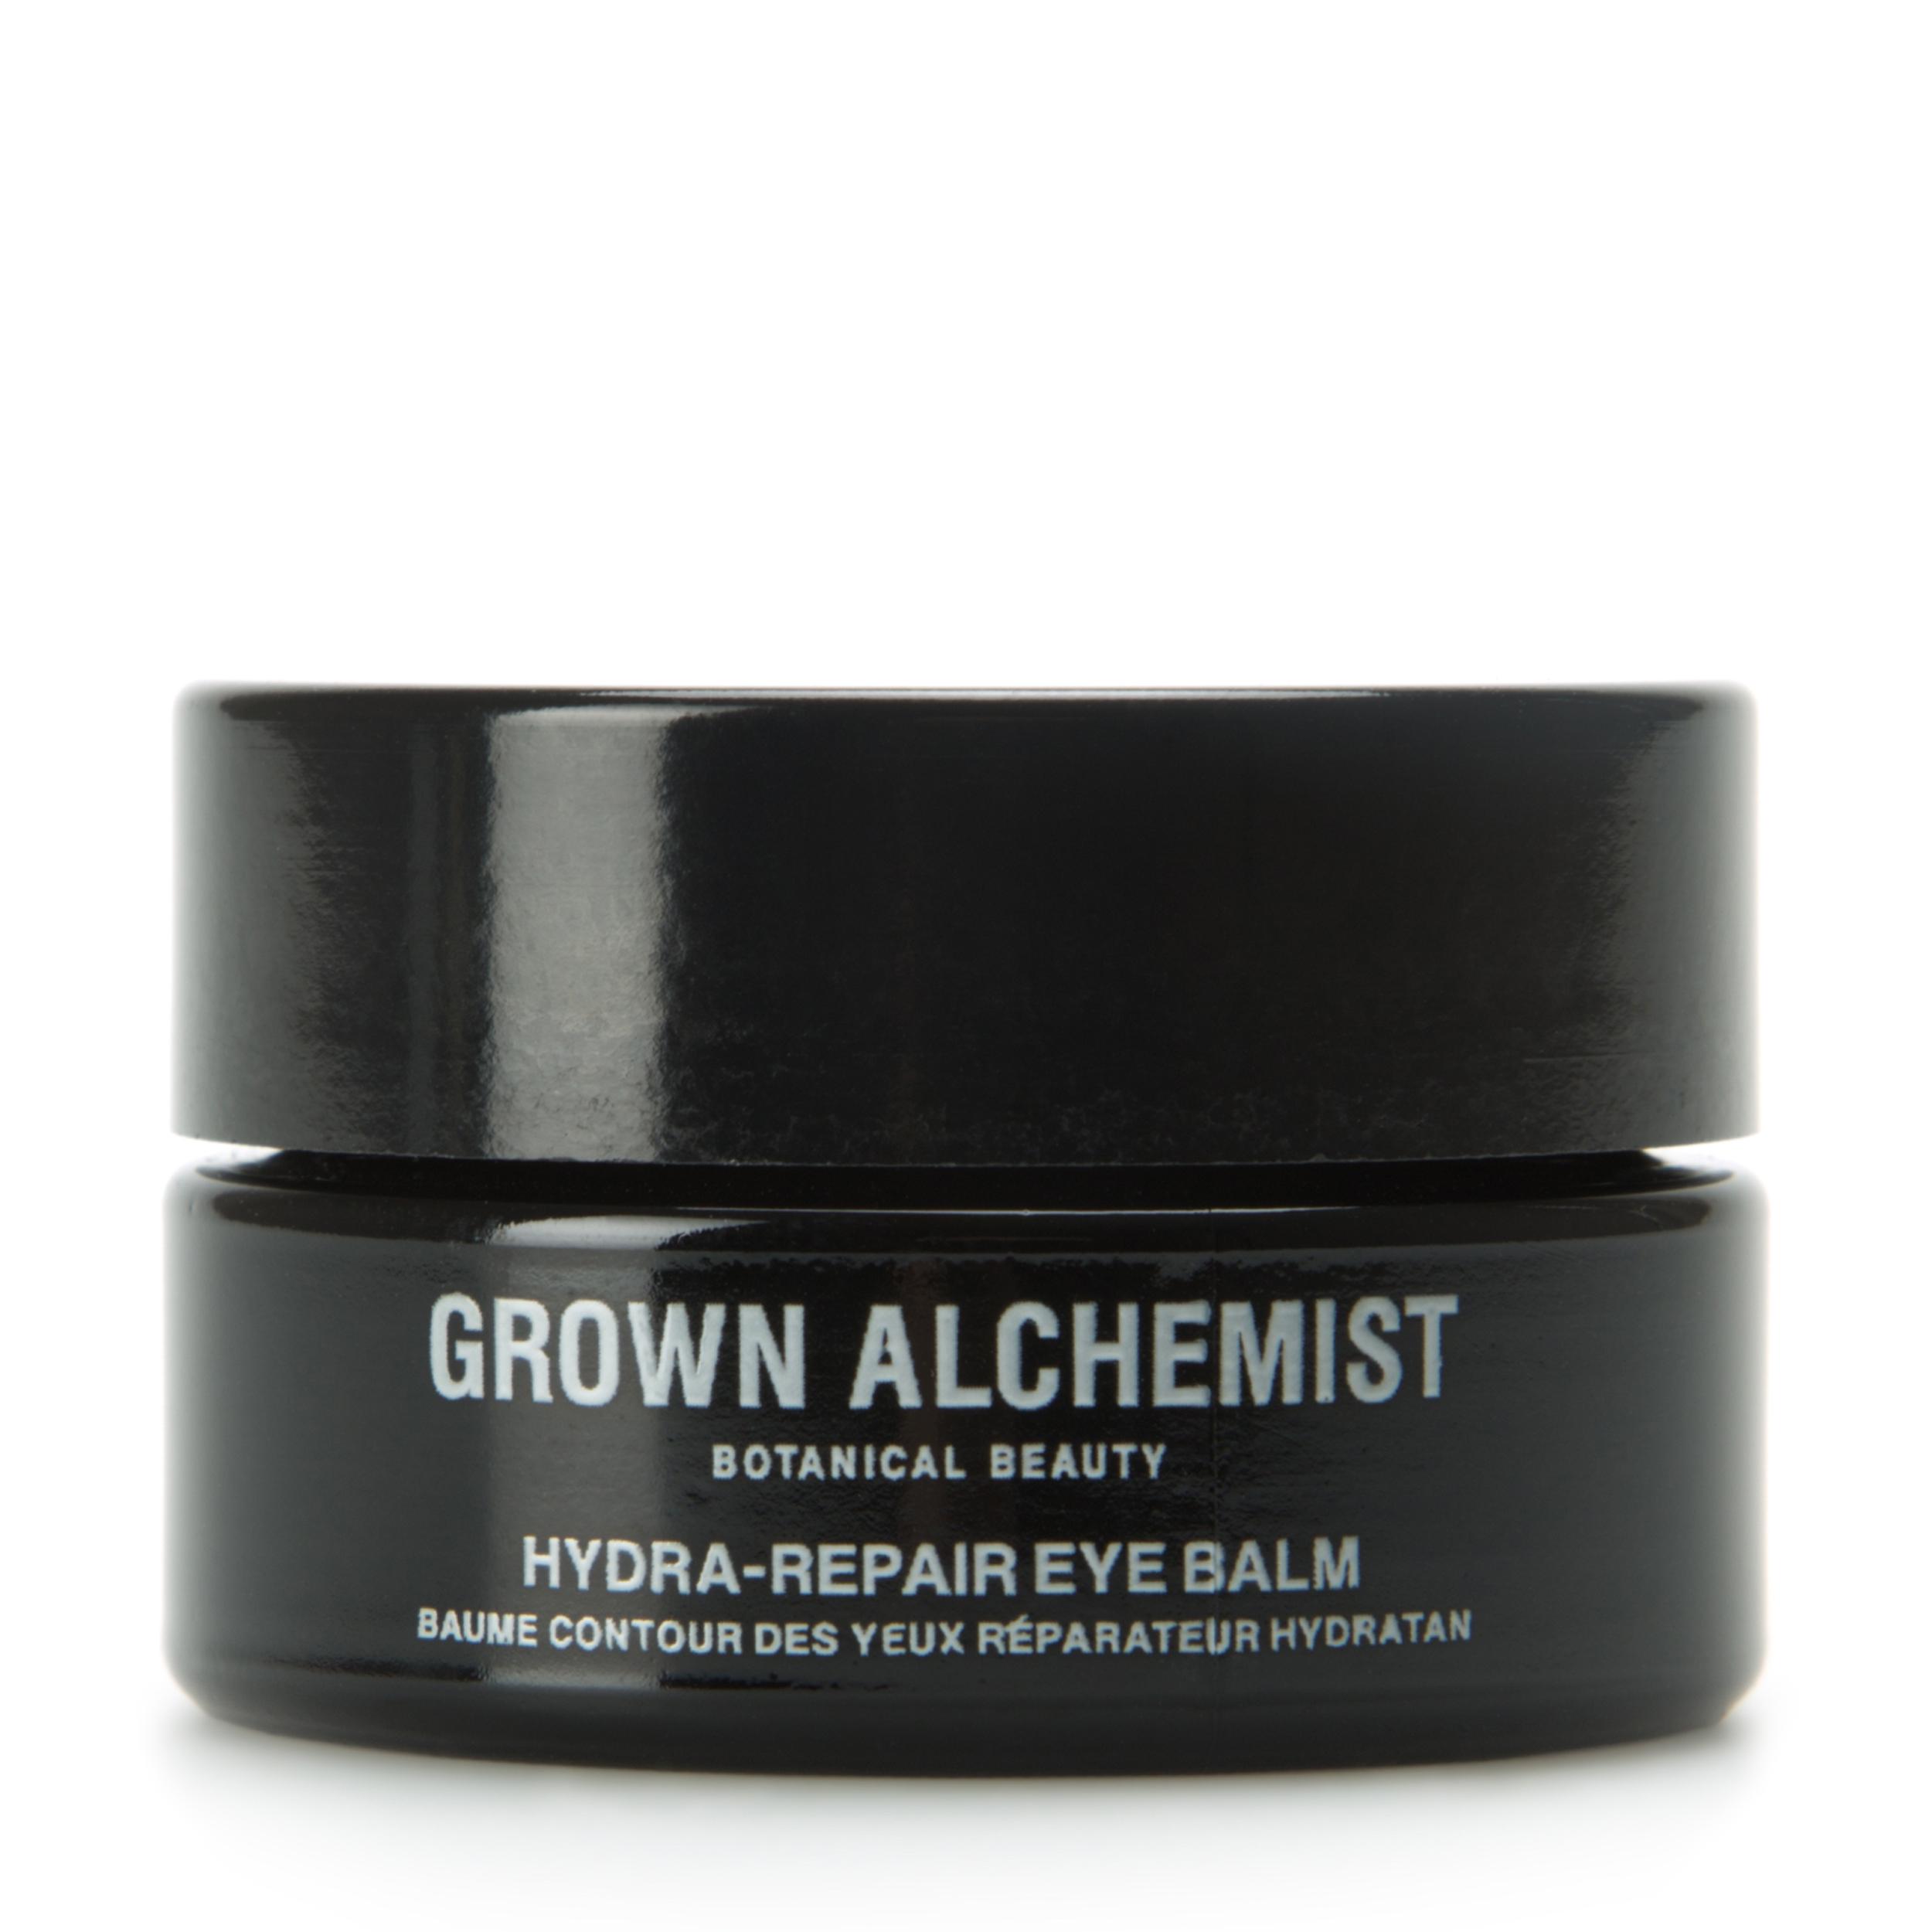 Grown Alchemist Увлажняющий восстанавливающий бальзам для кожи вокруг глаз «Экстракт семян подсолнечника и токоферол» 15 мл фото